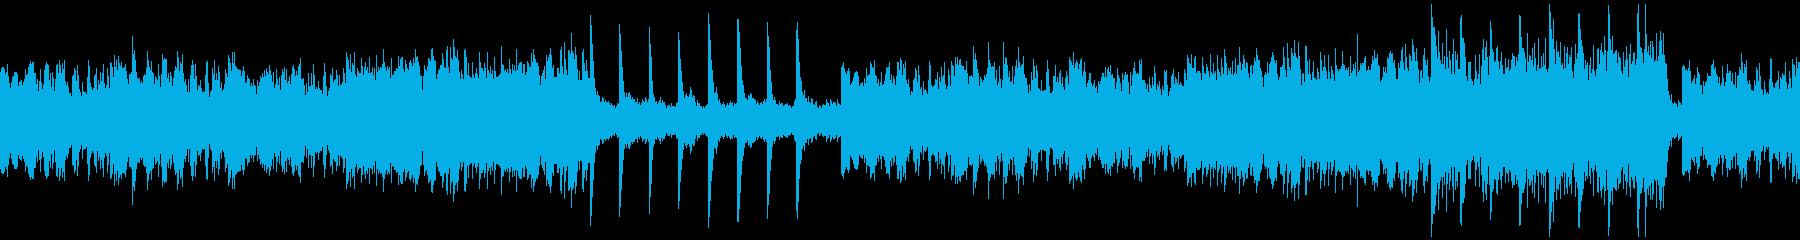 オルゴールFFクリスタル昔話神話の再生済みの波形